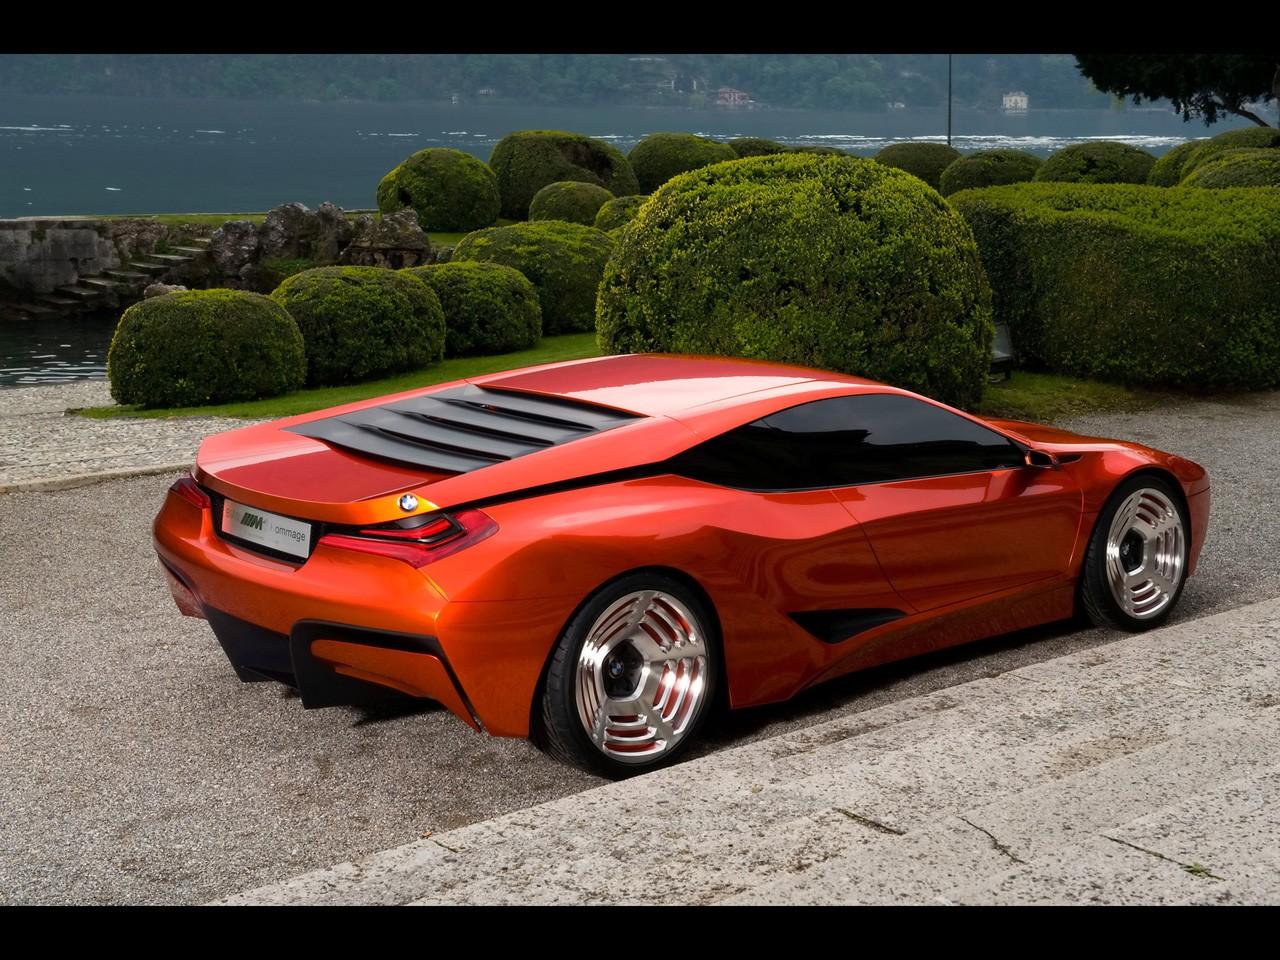 2008 Bmw M1 Homage Concept